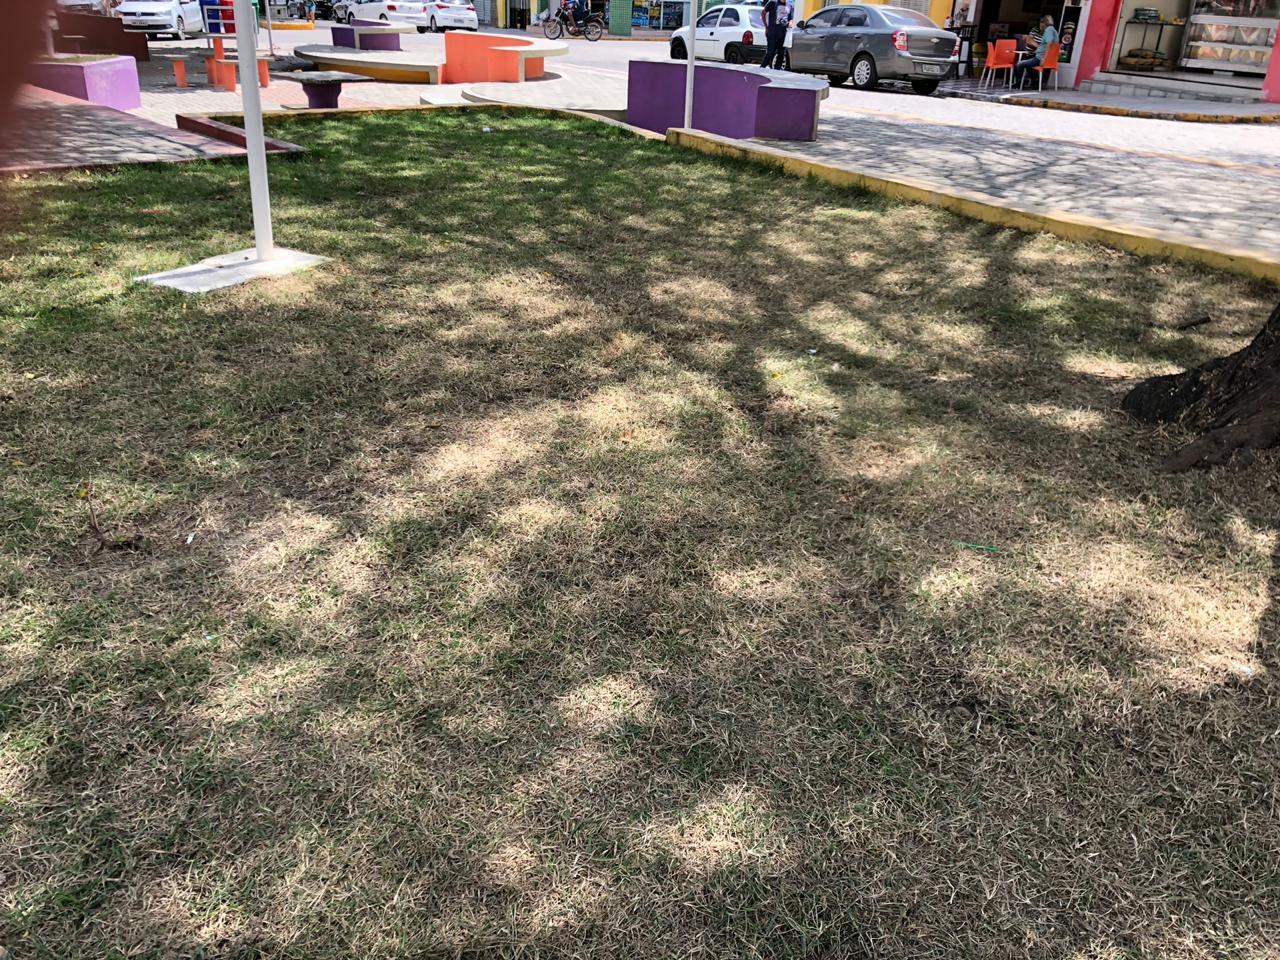 Praça da Bíblia já tem canteiros morrendo e calçadas sem manutenção